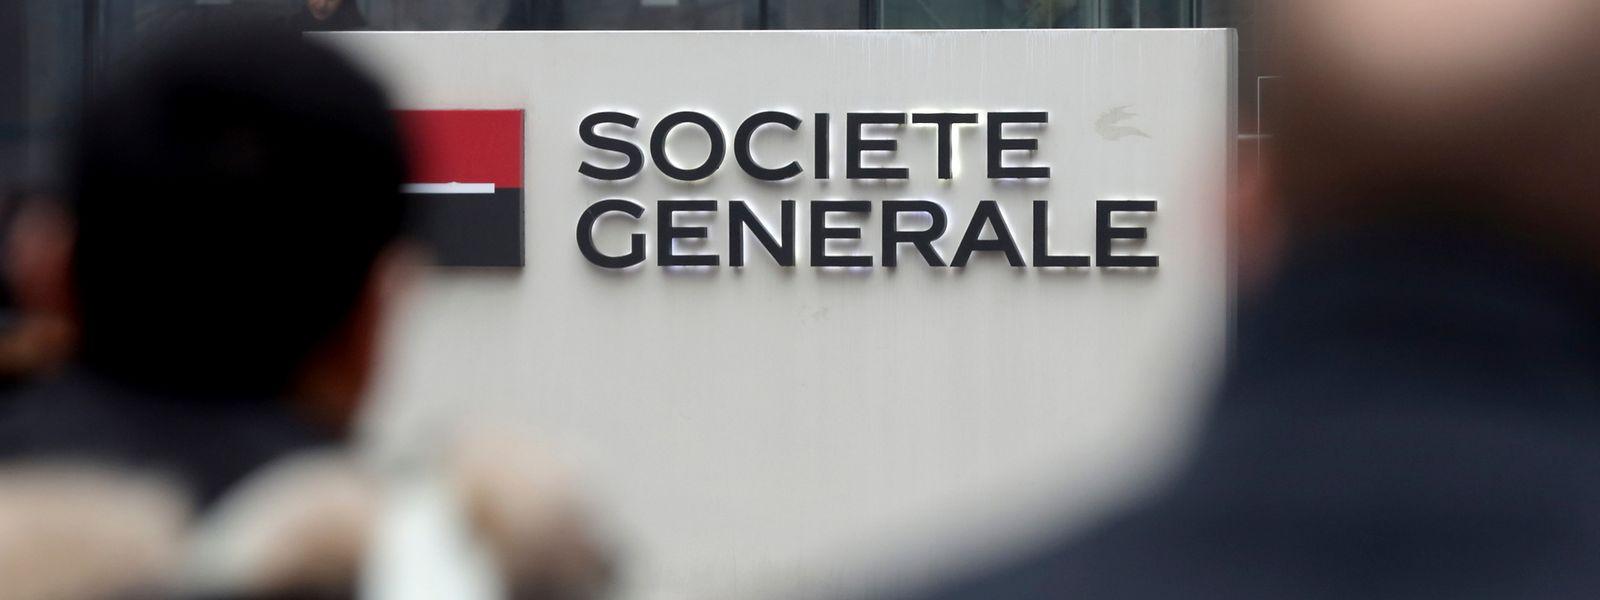 En France, la Société Générale a prévu de supprimer plus de 3.400 postes sur une durée de quatre ans.